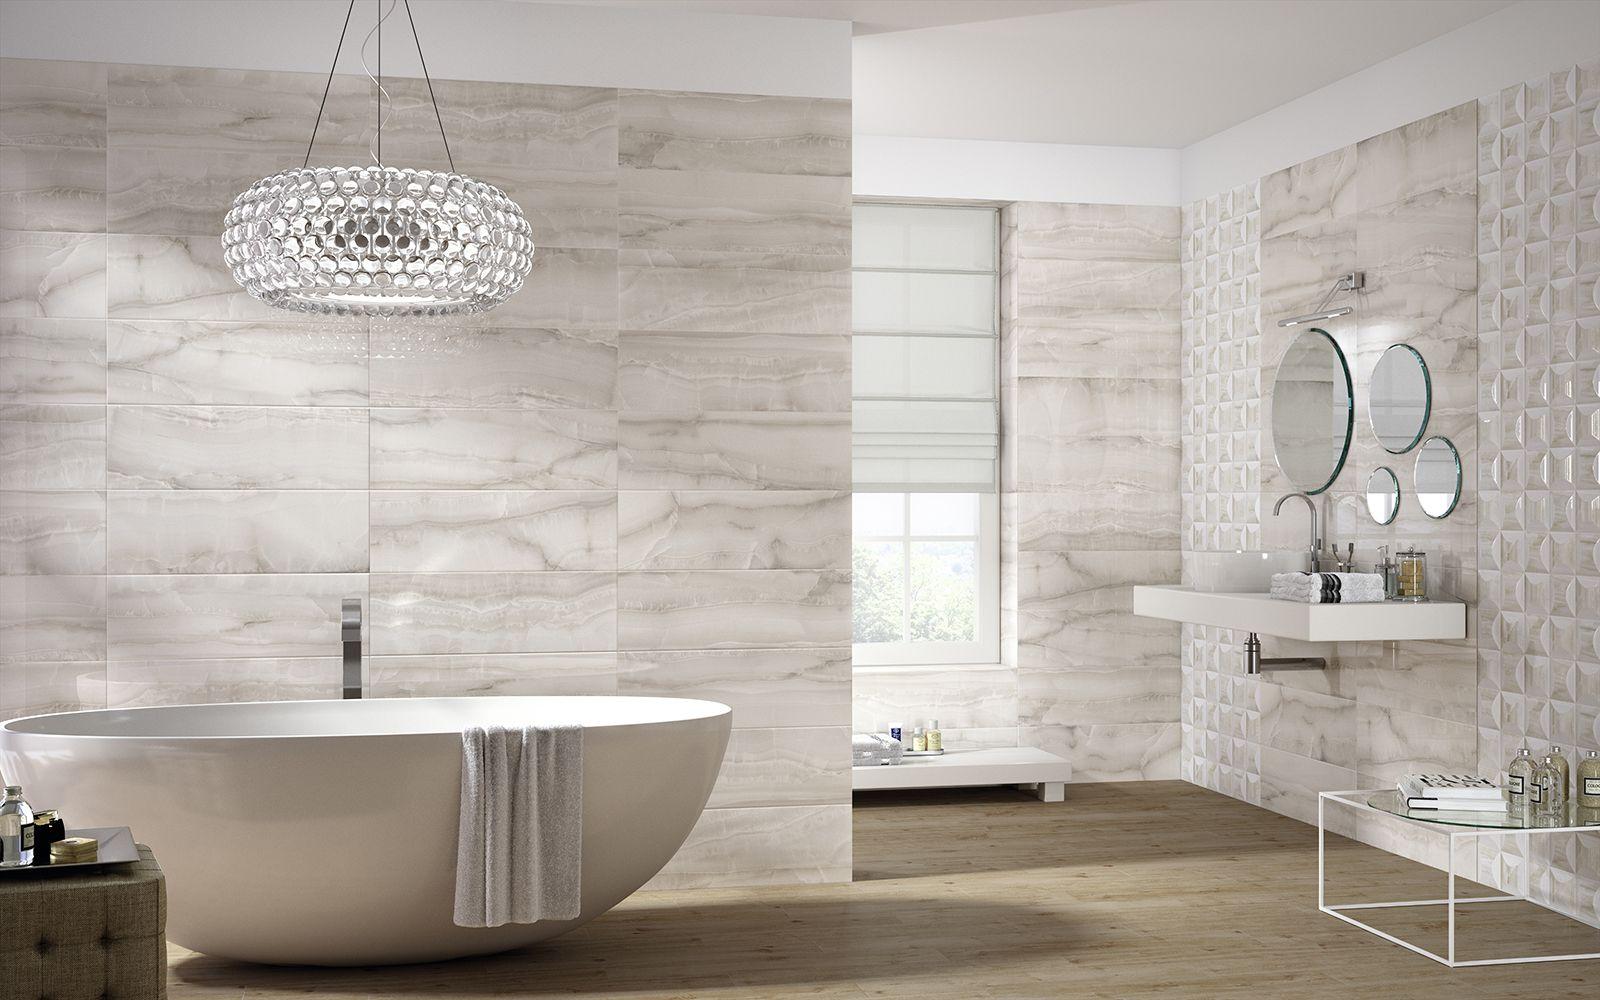 Onix - marble-look bathroom wall tile covering | Baderomsfliser ...